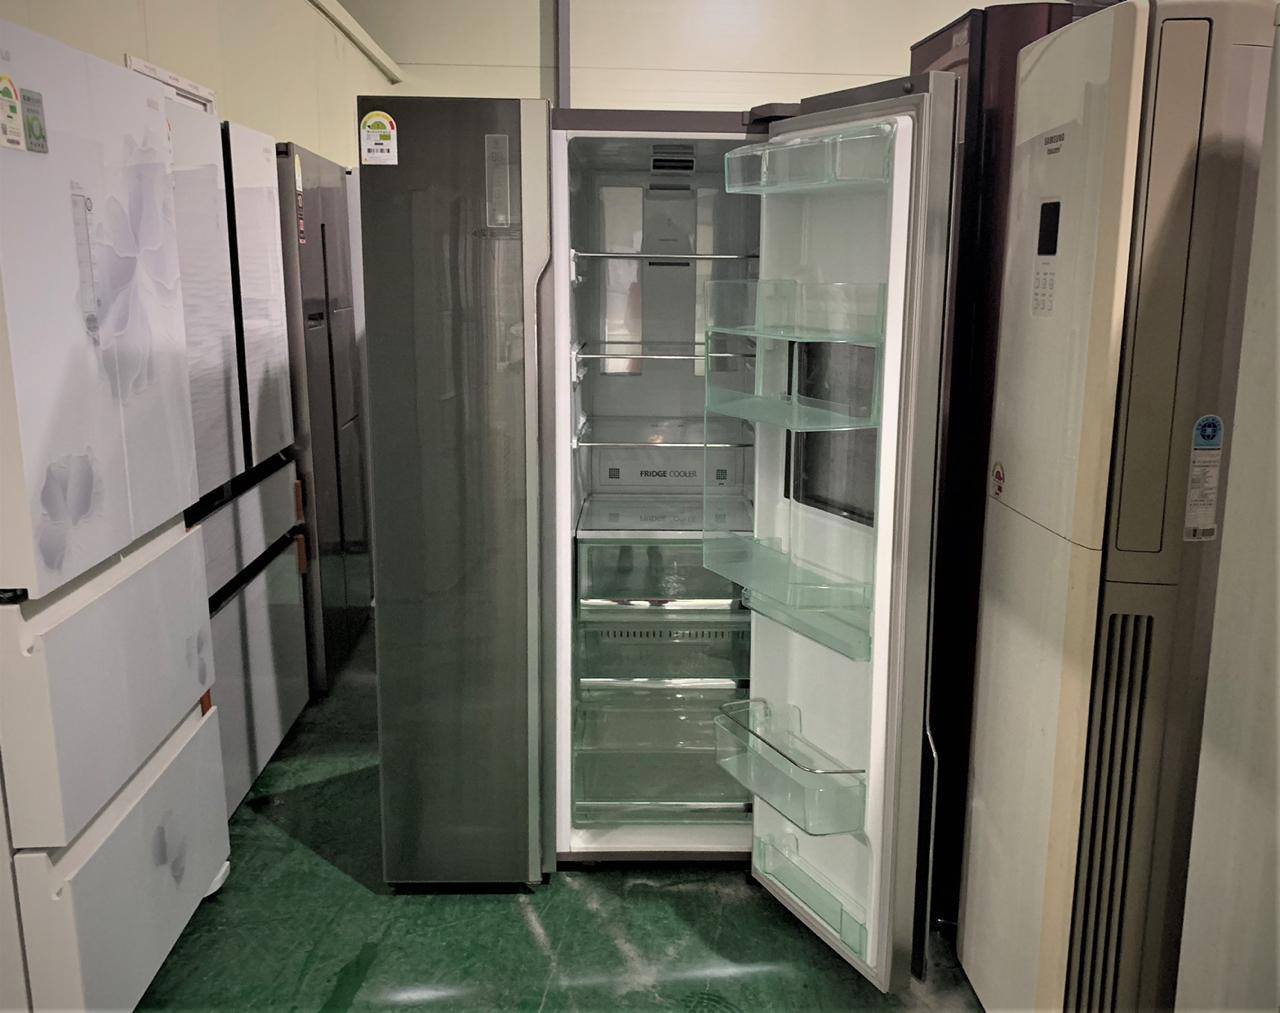 삼성 지펠 그랑데 스타일 럭스메탈 양문형 홈바냉장고 70만원